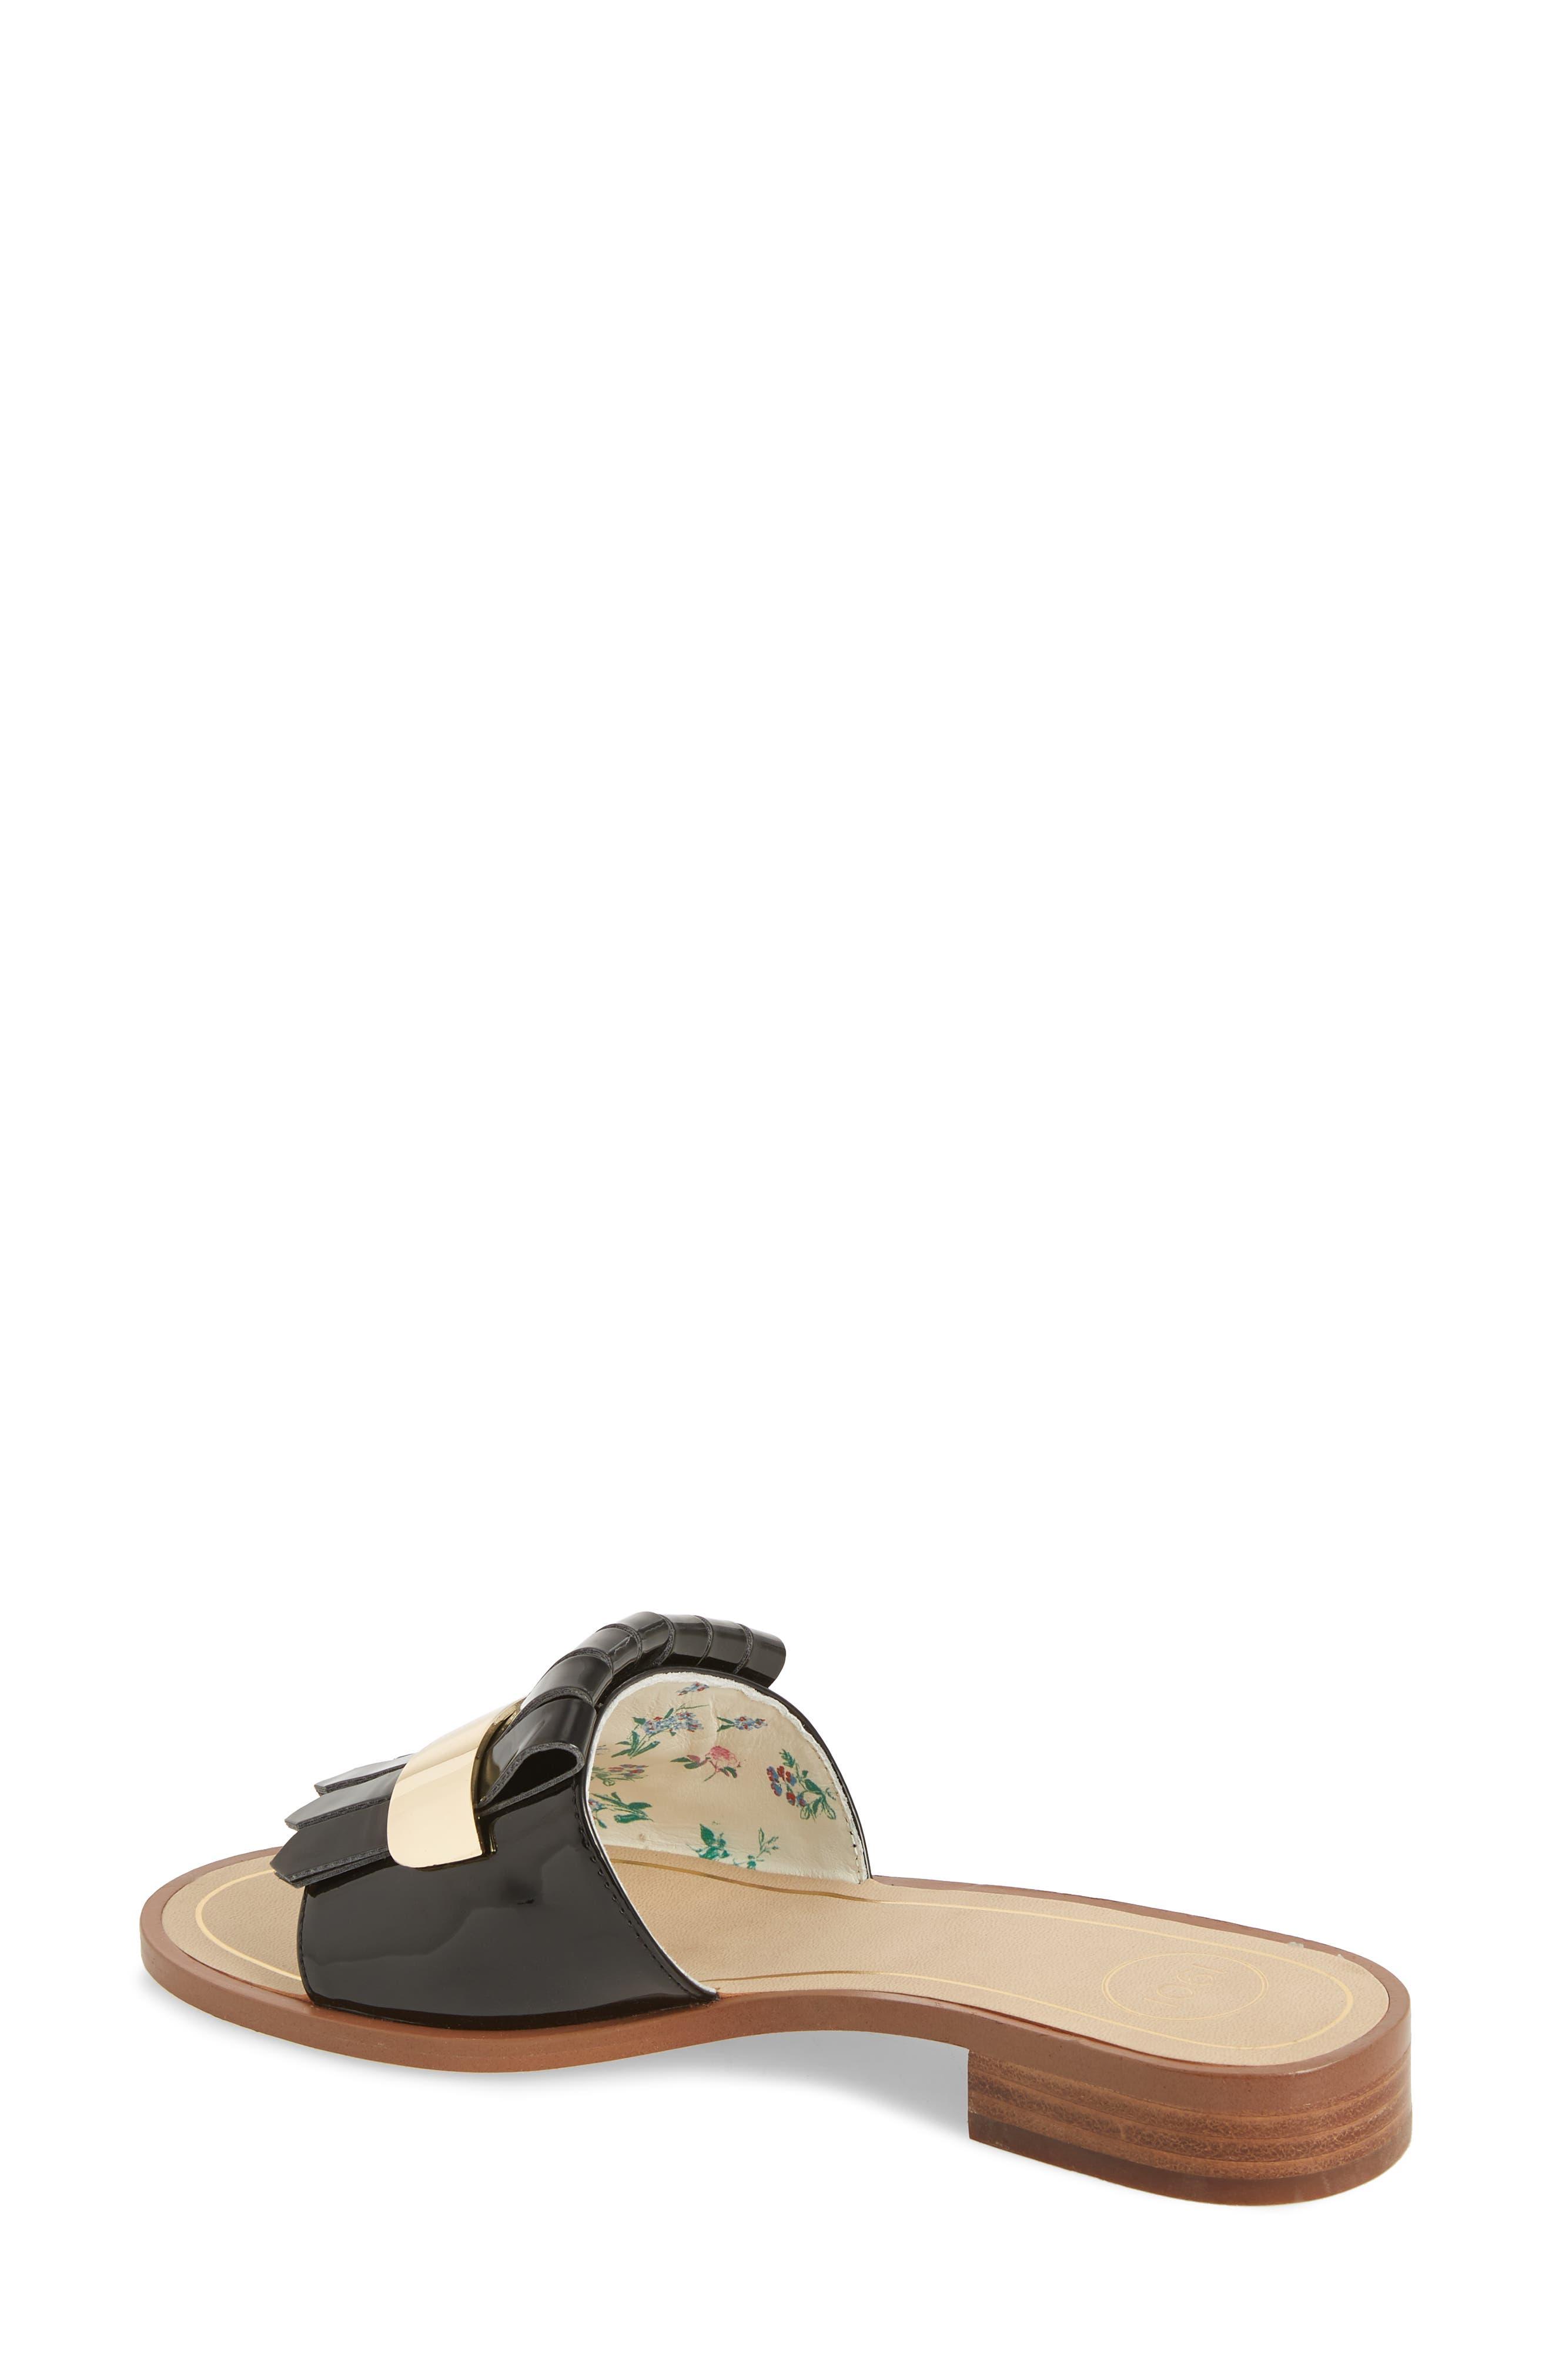 Aldrich Slide Sandal,                             Alternate thumbnail 2, color,                             002